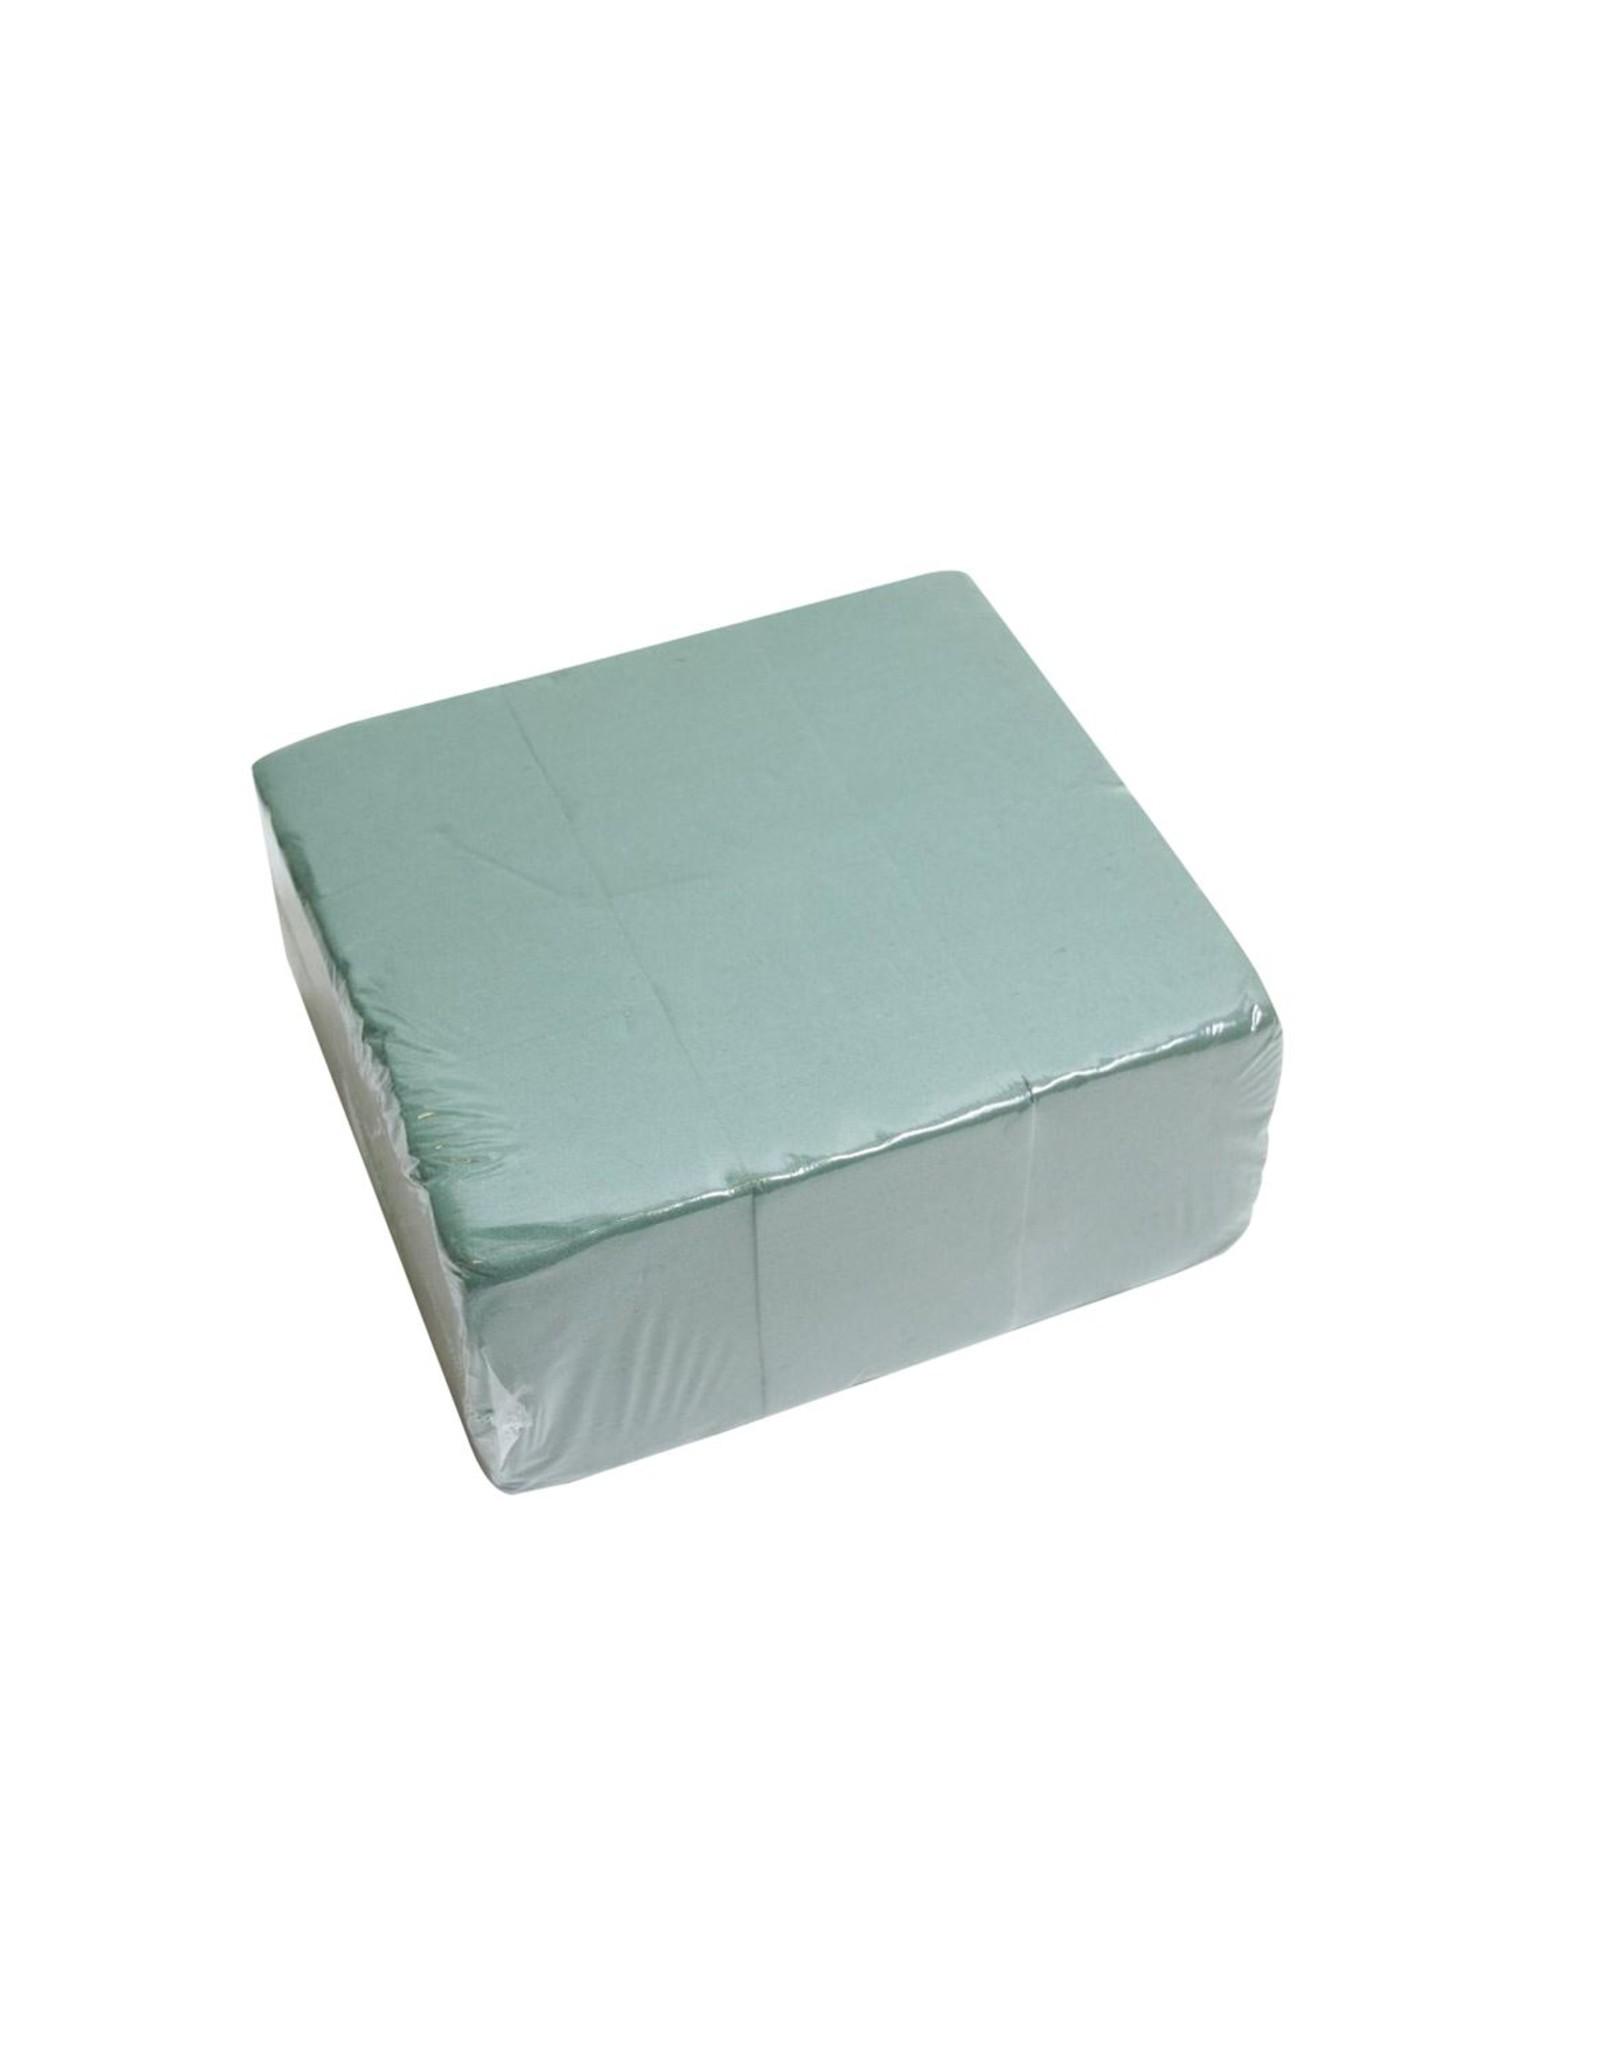 HD Basic Brick Sld Foam 3pc ↑20.0 Ø10.0 ↑7.5 (x 190)